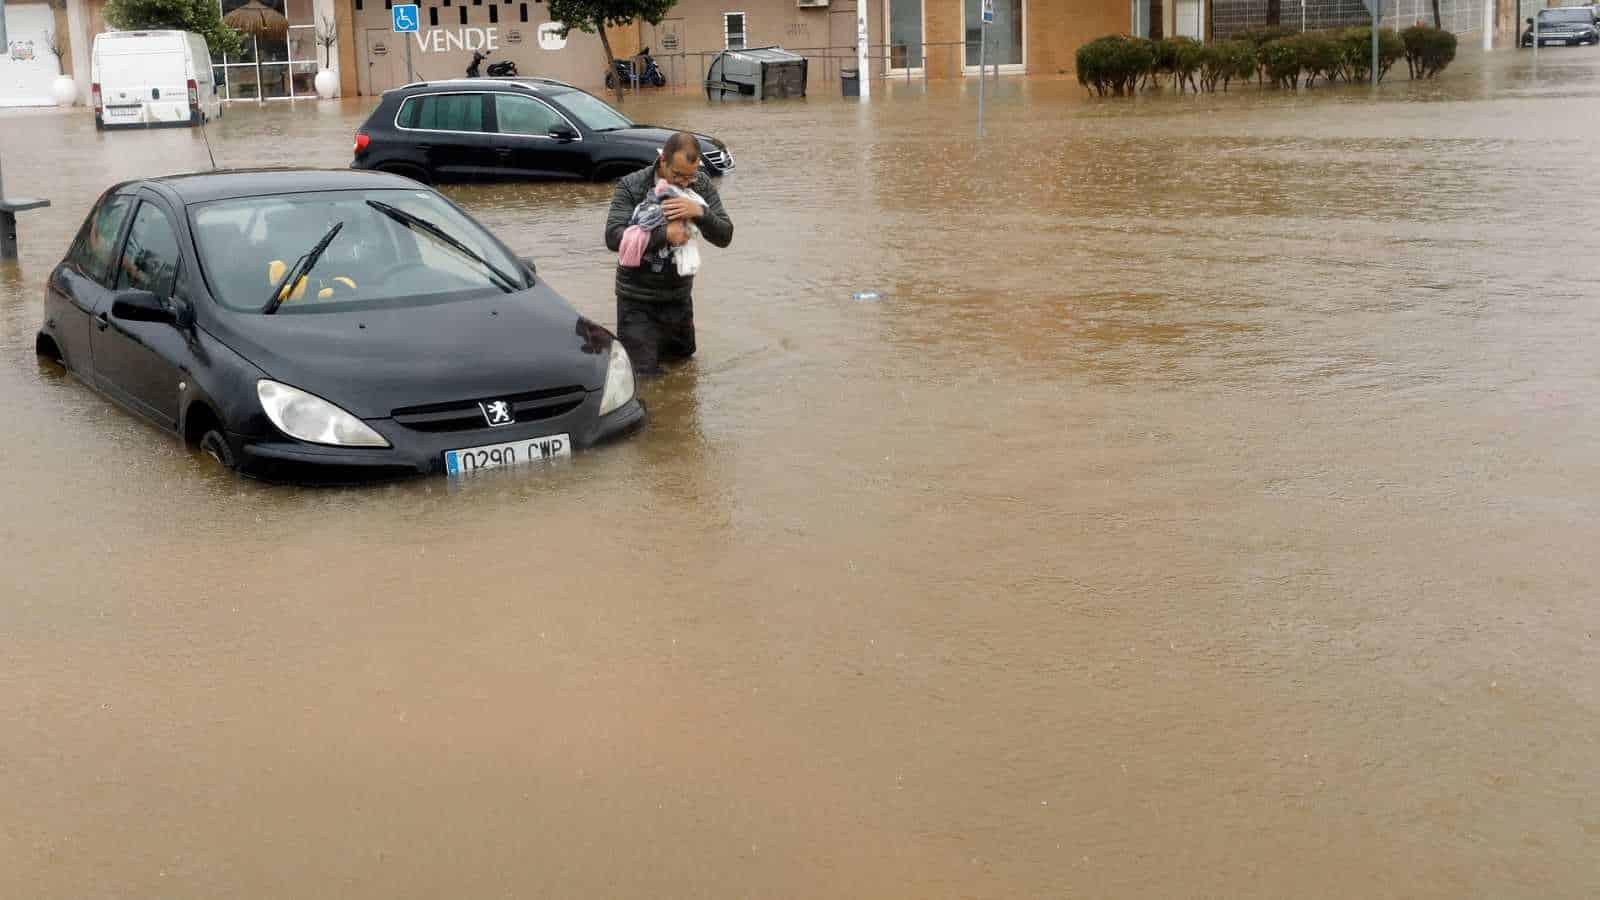 VIDEO. Inundații puternice au lovit estul Spaniei. Mii de case inundate, mașini luate de puhoaie și circulație blocată